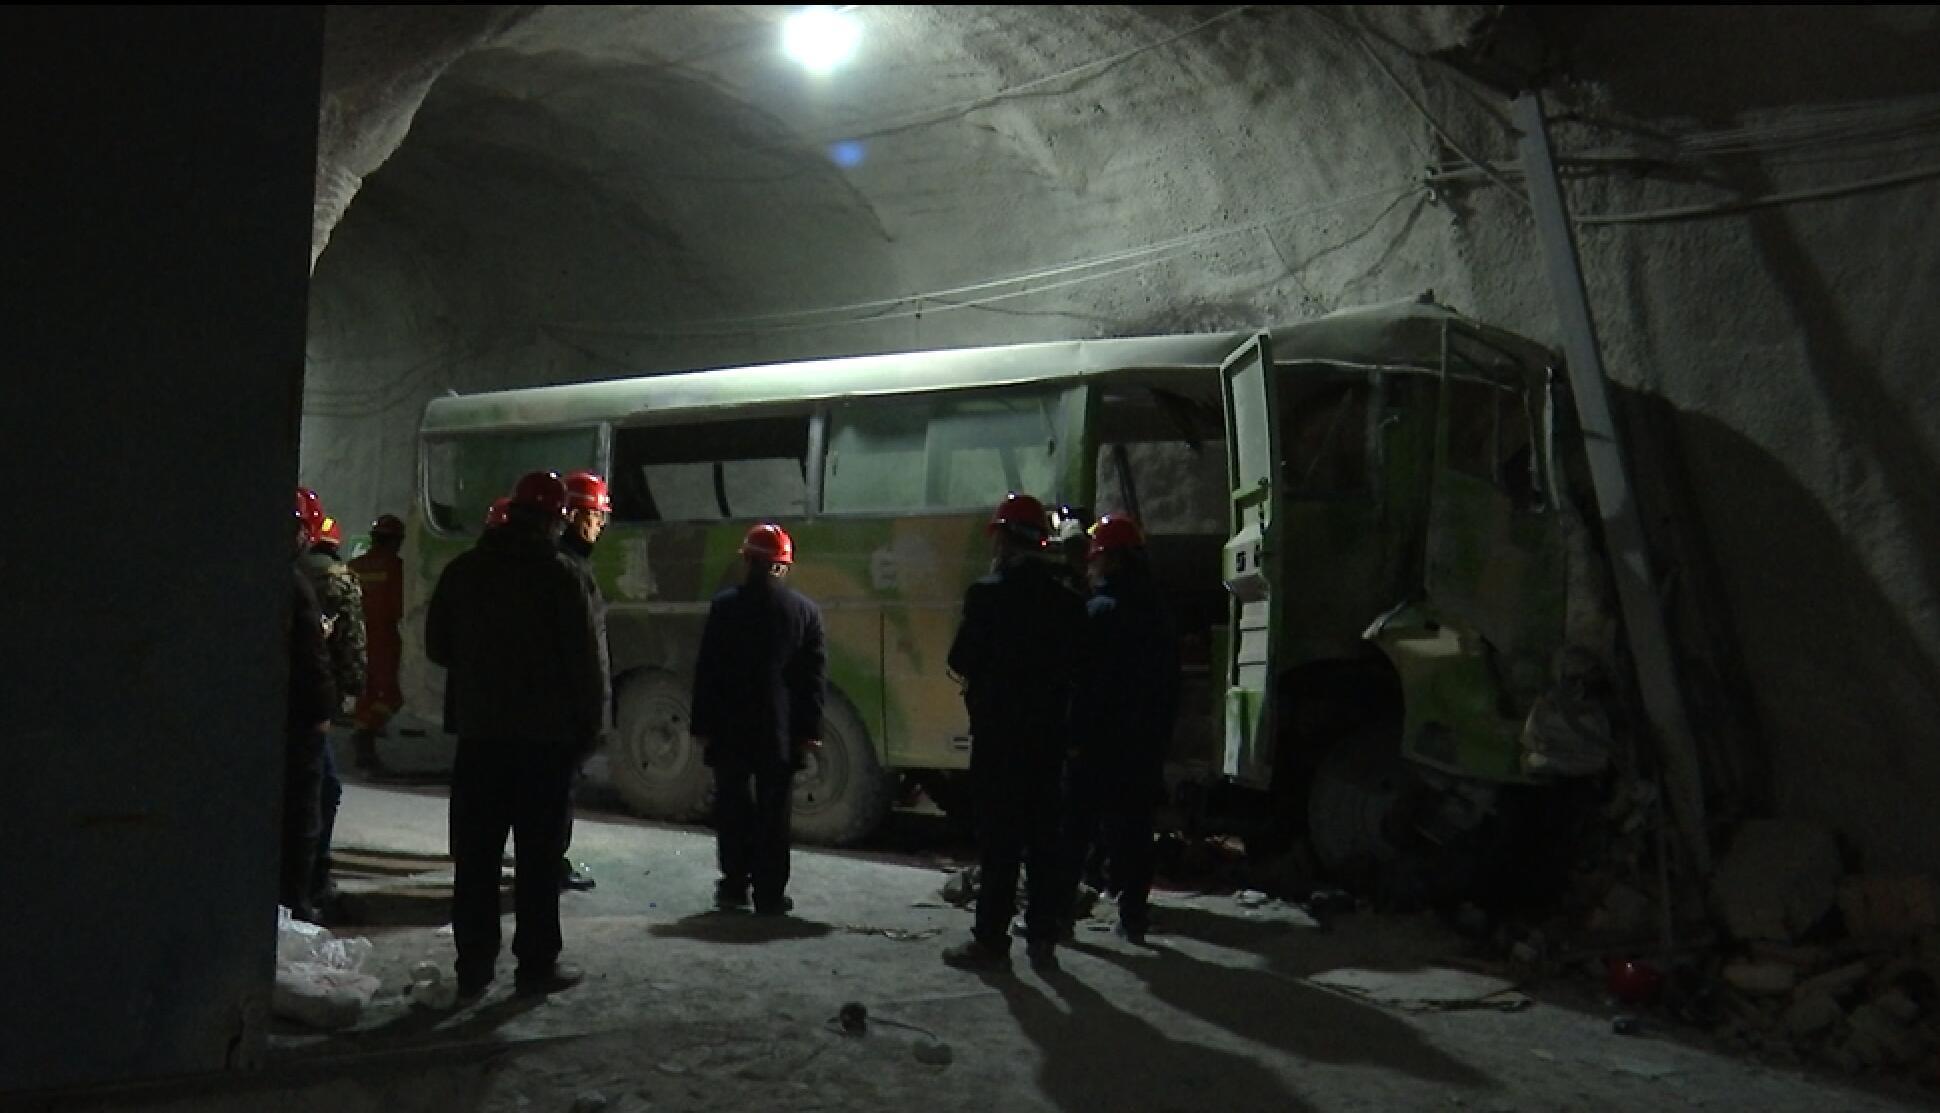 内蒙古锡林郭勒盟一矿发生井下车辆事故